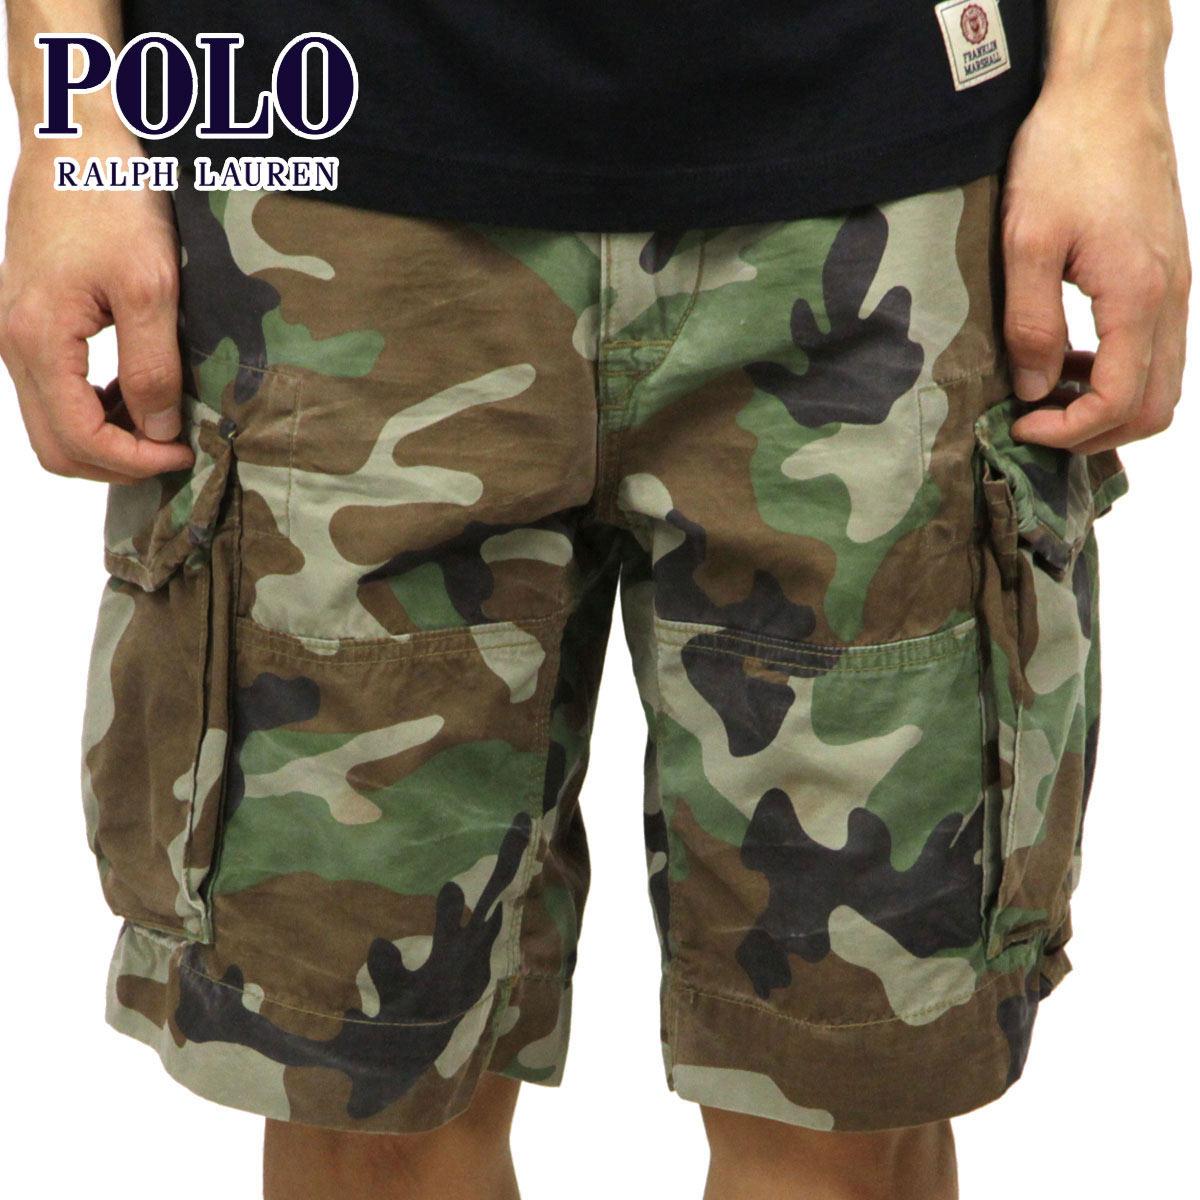 ポロ ラルフローレン POLO RALPH LAUREN 正規品 メンズ ショートパンツ CAMOUFLAGE WORK SHORT PANTS D20S30